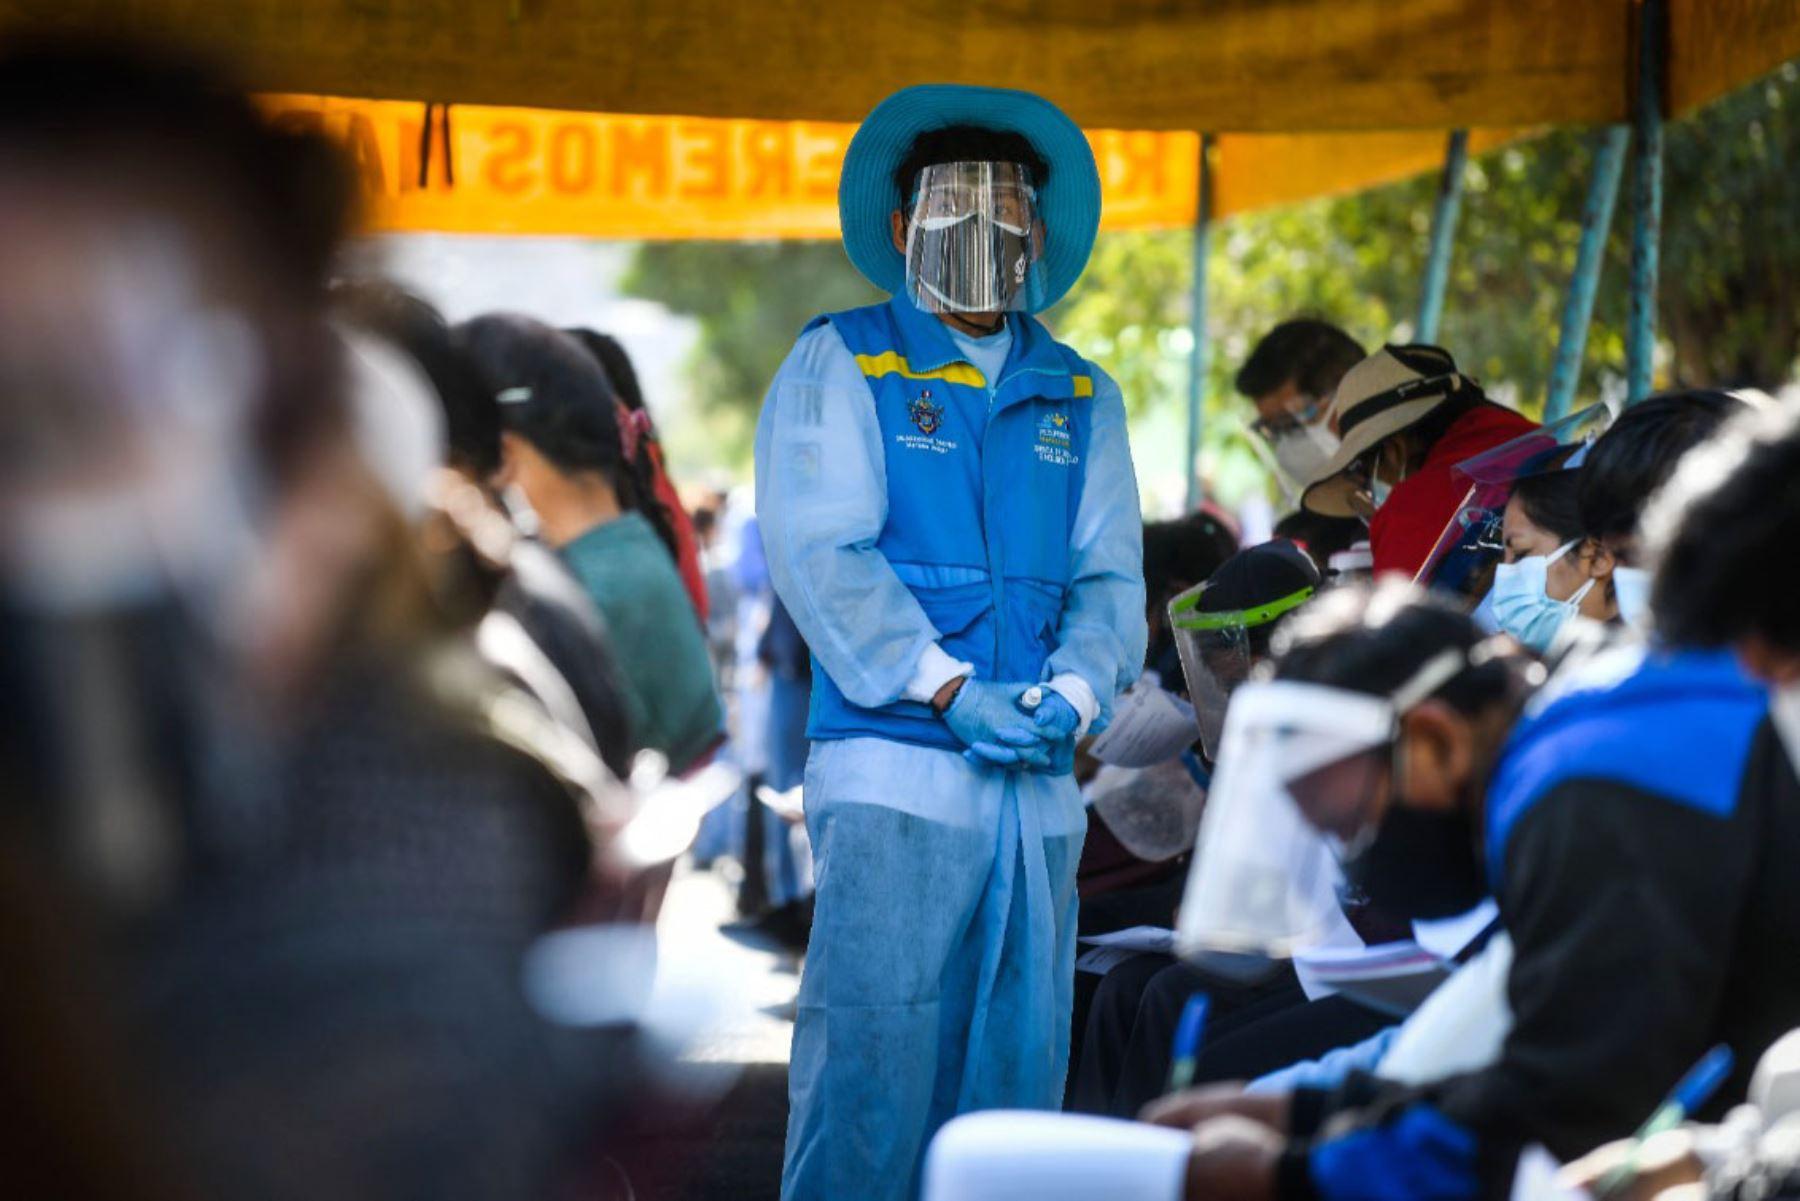 Más de 160 mil personas,  mayores de 50 años recibirán su vacuna  en la región Arequipa. En la lista de beneficiarios también están consideradas mujeres embarazadas mayores de 18 años a partir de la semana 28 de gestación, personas con enfermedades raras, huérfanas, trastornos mentales graves y del neurodesarrollo.  Foto: Cortesía Diego Ramos